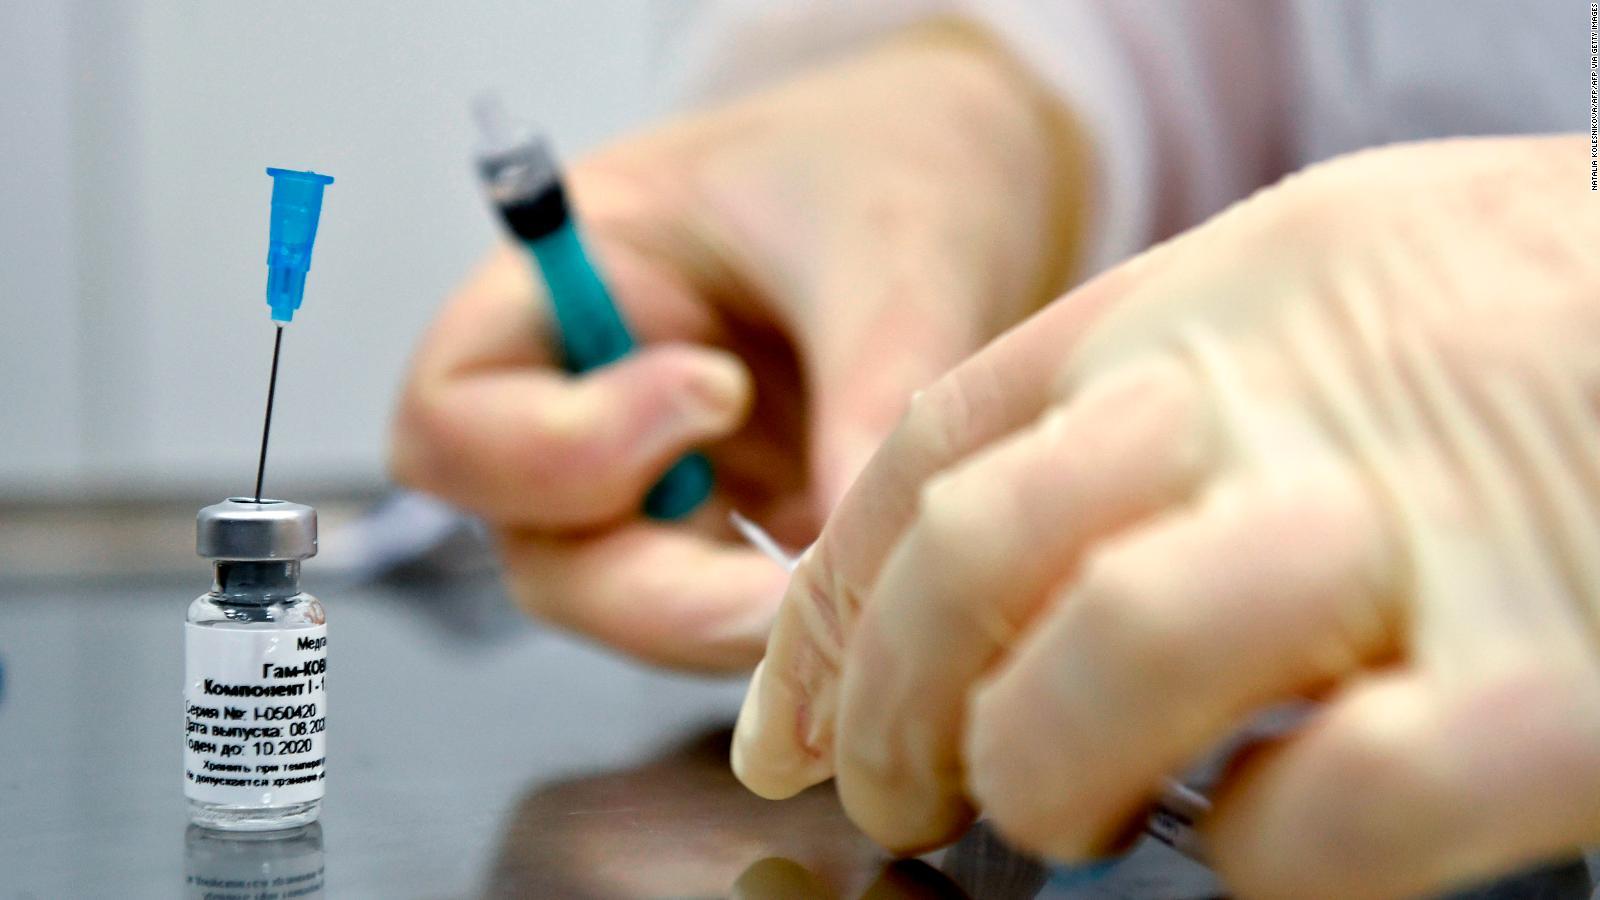 Vacunas de Pfizer y Moderna contra el coronavirus podrían autorizarse una semana después de reuniones de asesoramiento, dice un alto funcionario de la FDA